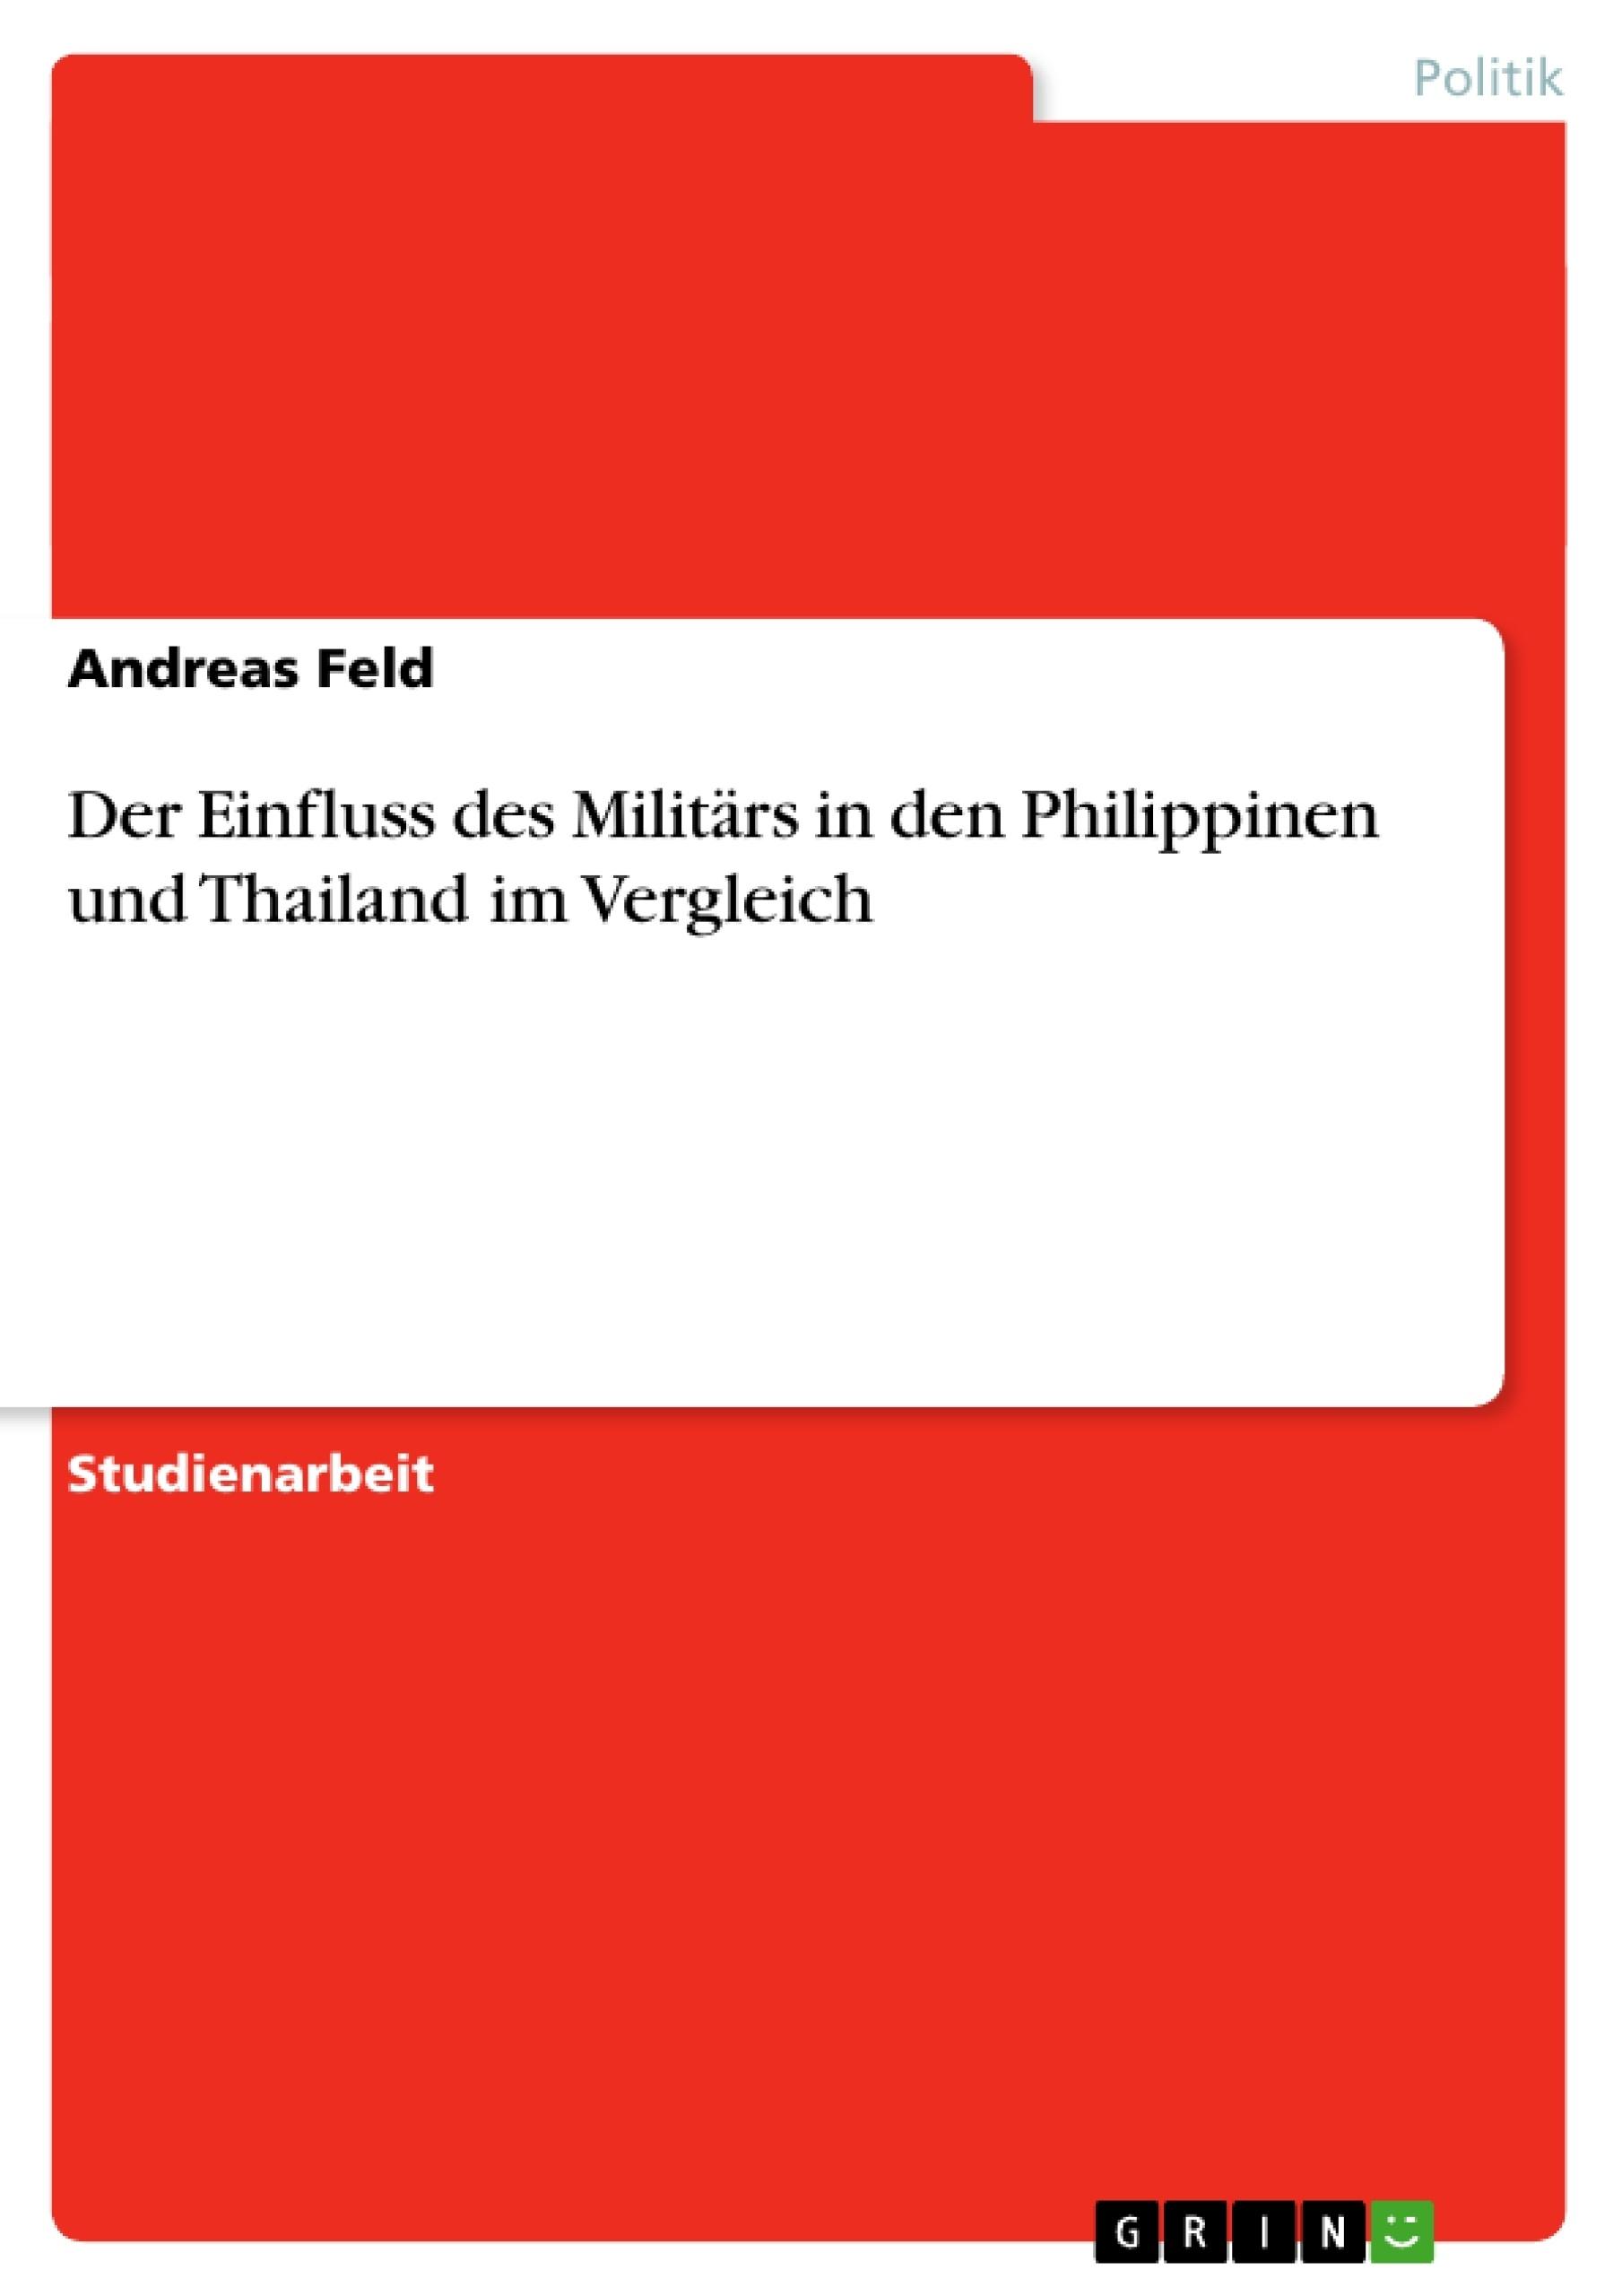 Titel: Der Einfluss des Militärs in den Philippinen und Thailand im Vergleich